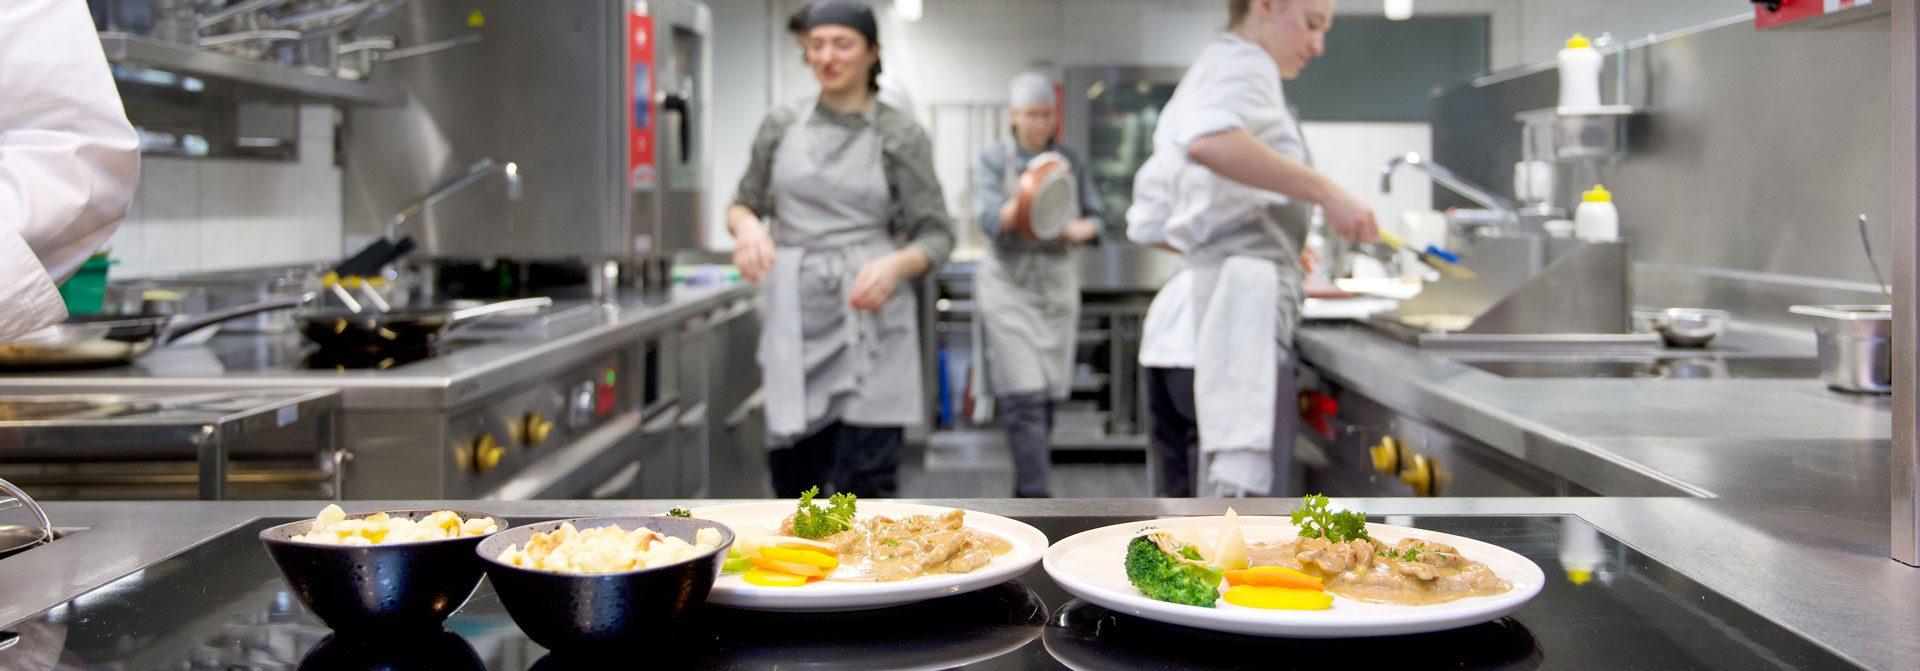 Berg spiegelt in einem kleinen Bergsee